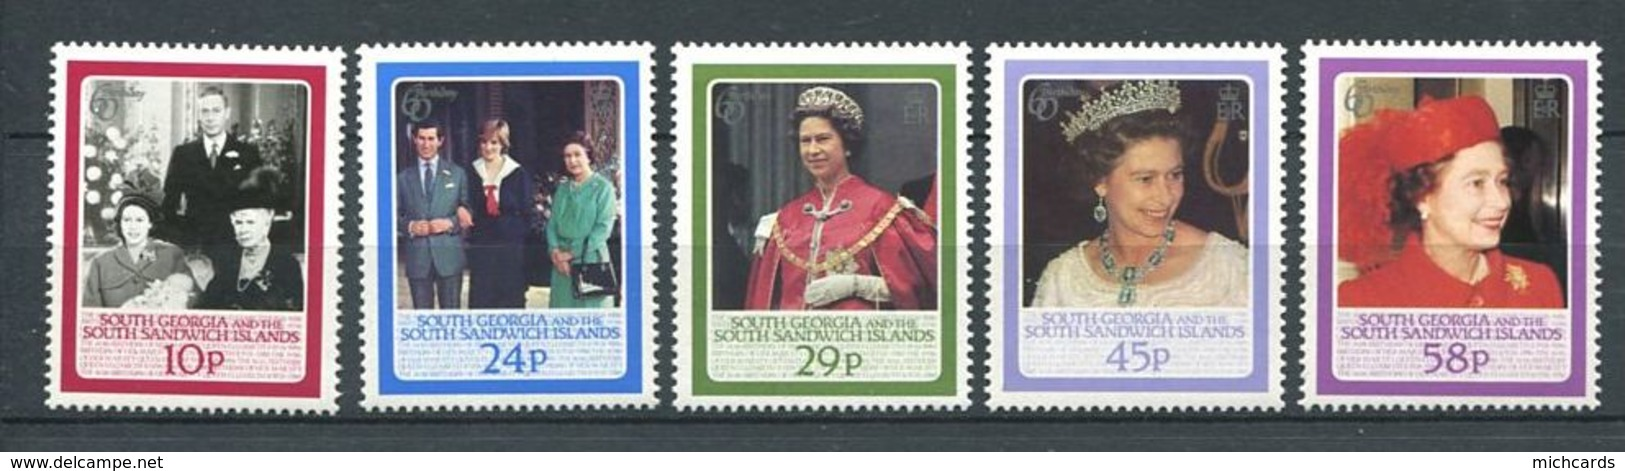 223 SUD GEORGIE 1986 - Yvert 158/62 - Portrait Reine Elizabeth - Neuf **(MNH) Sans Charniere - Géorgie Du Sud